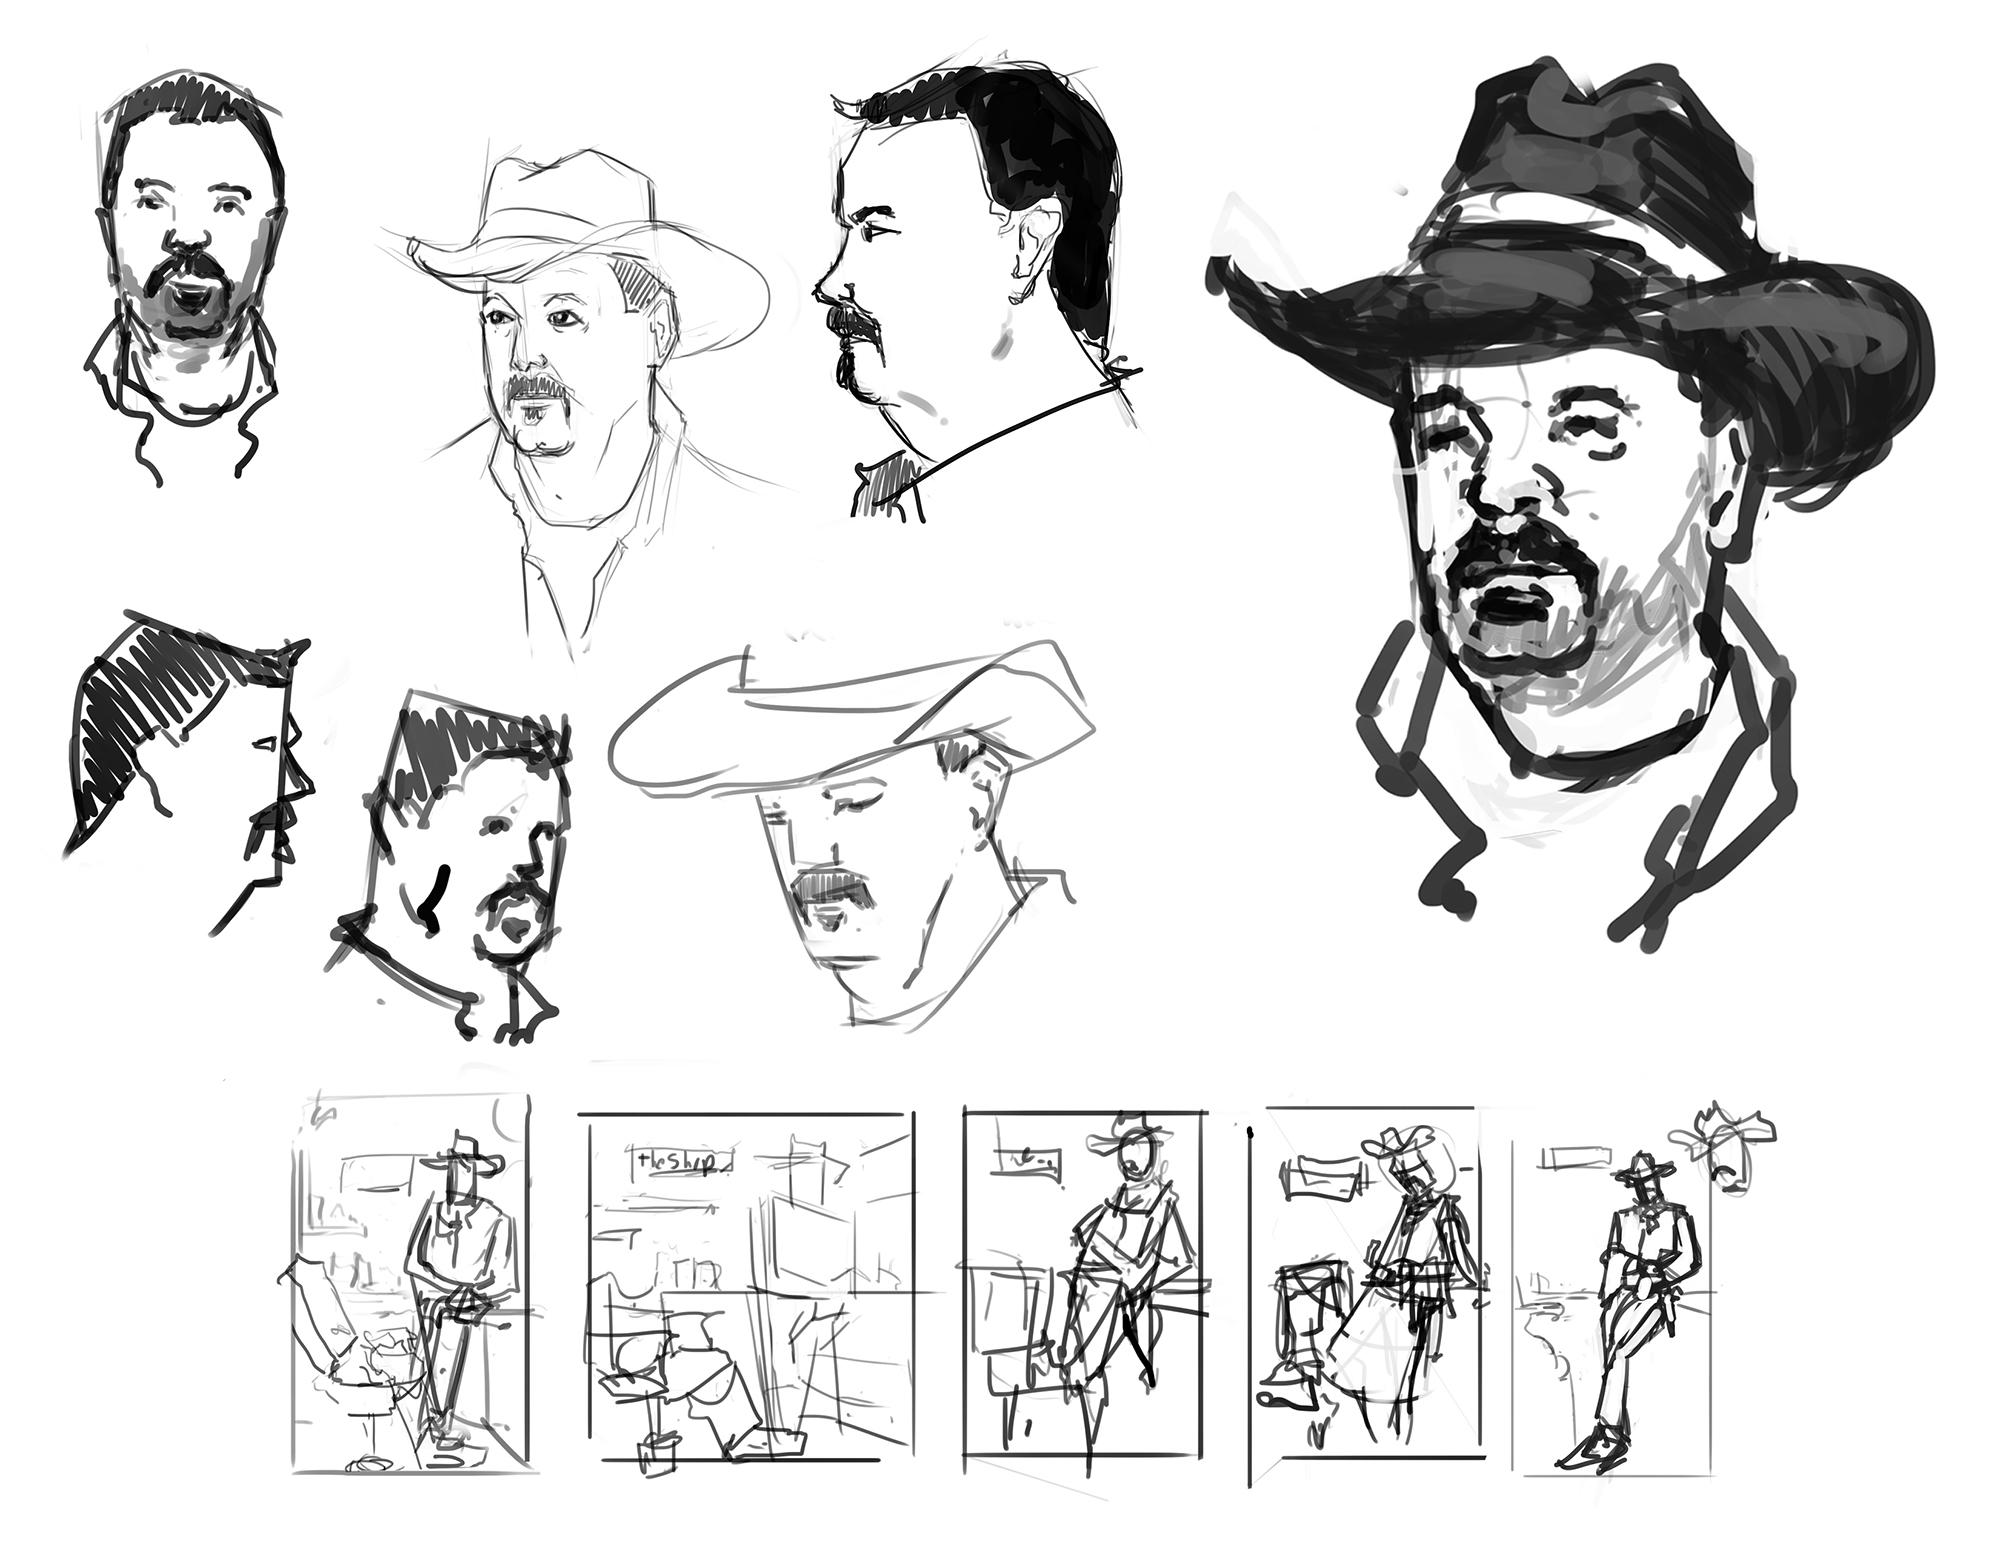 Face_studies.jpg